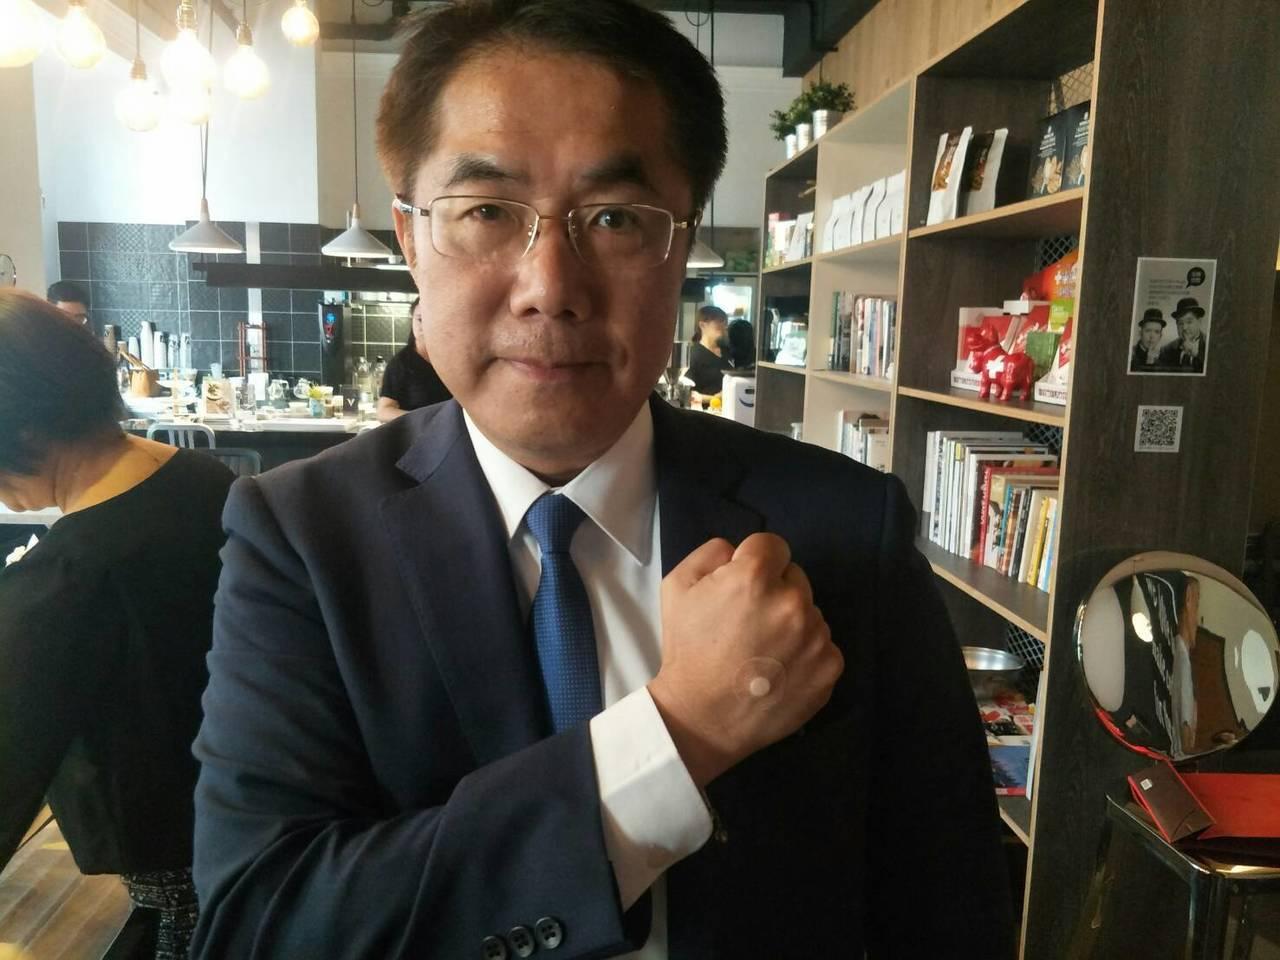 民進黨台南市長候選人黃偉哲。 聯合報系資料照片/記者鄭維真攝影